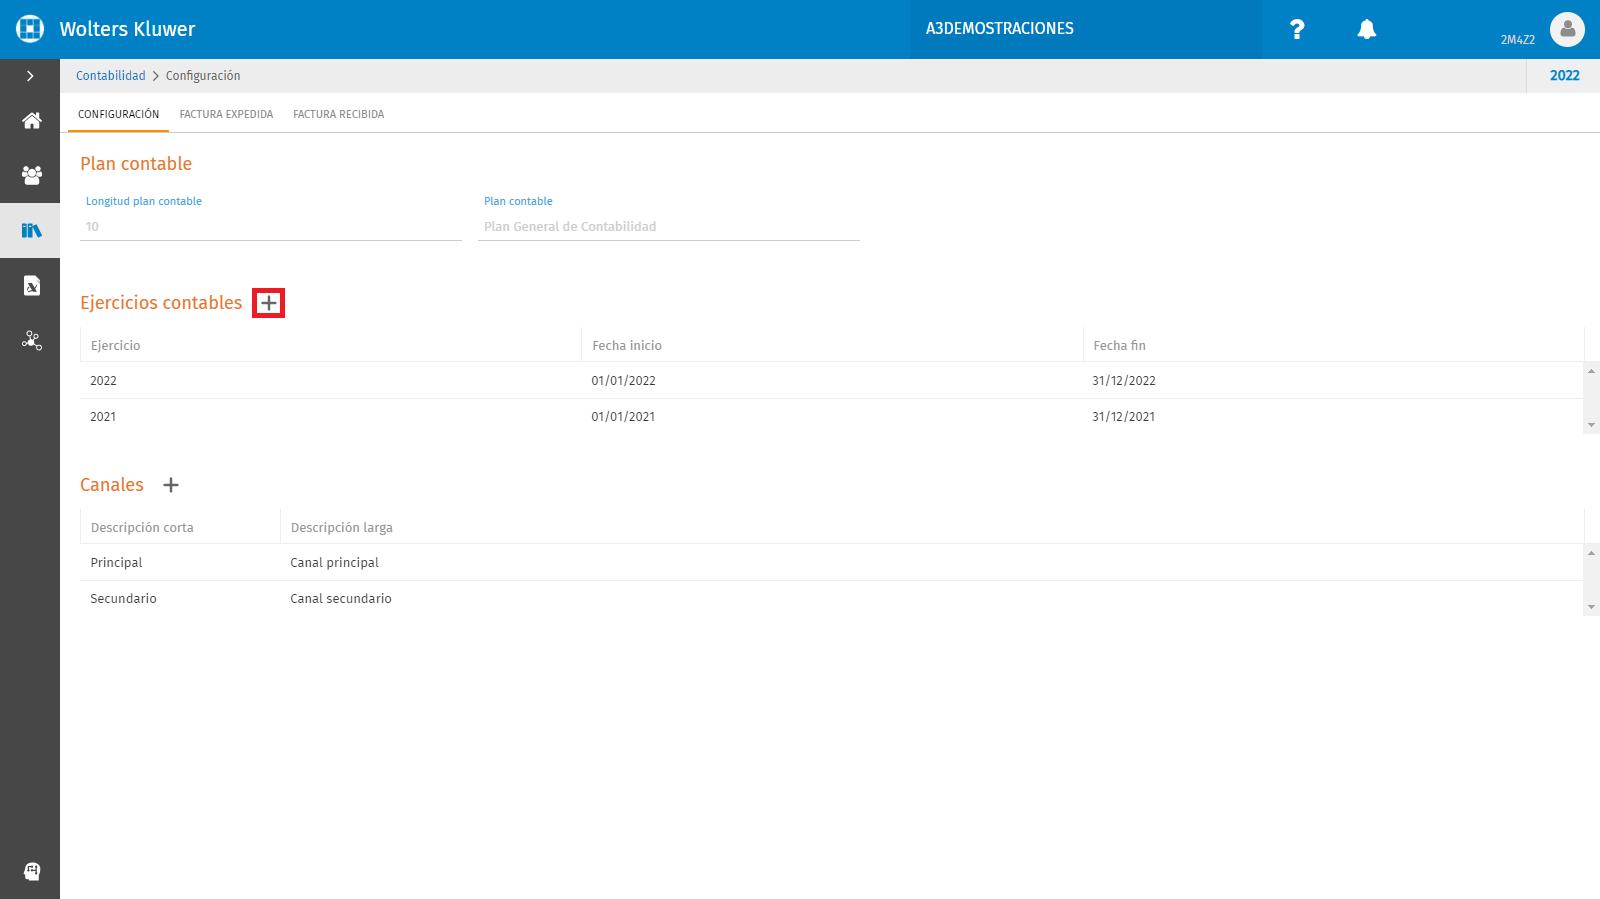 CONTABILIDAD Configuracion contable Nuevo ejercicio